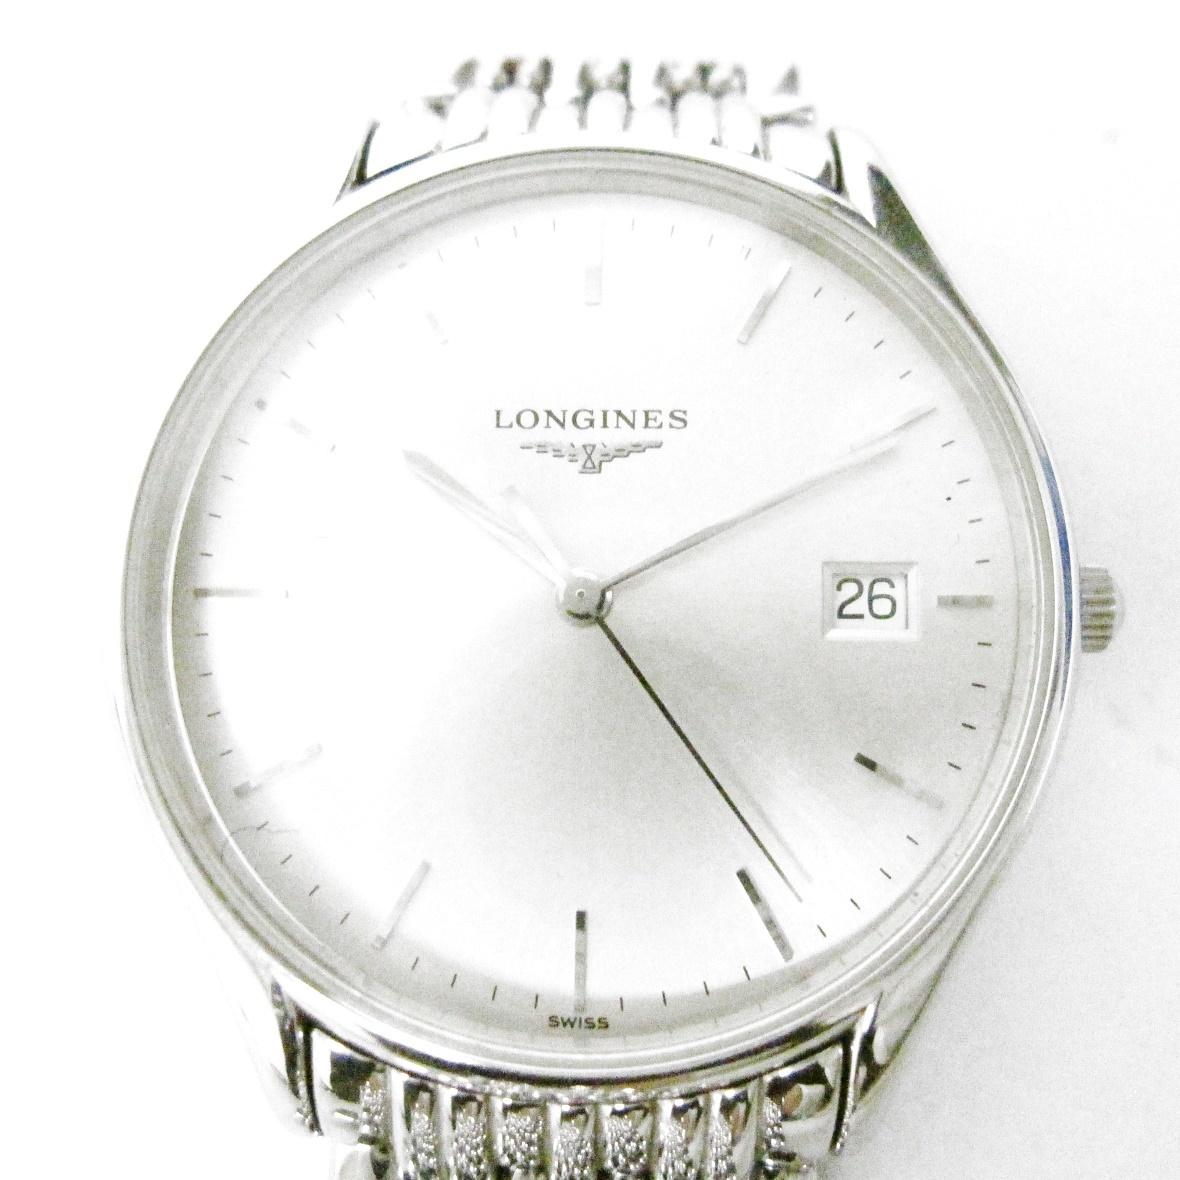 10 23-429355-08 [S]【A】 LONGINES ロンジン L4 759 4 グランドクラシック クオーツ 腕時計 メンズ ファッション 小物 名23